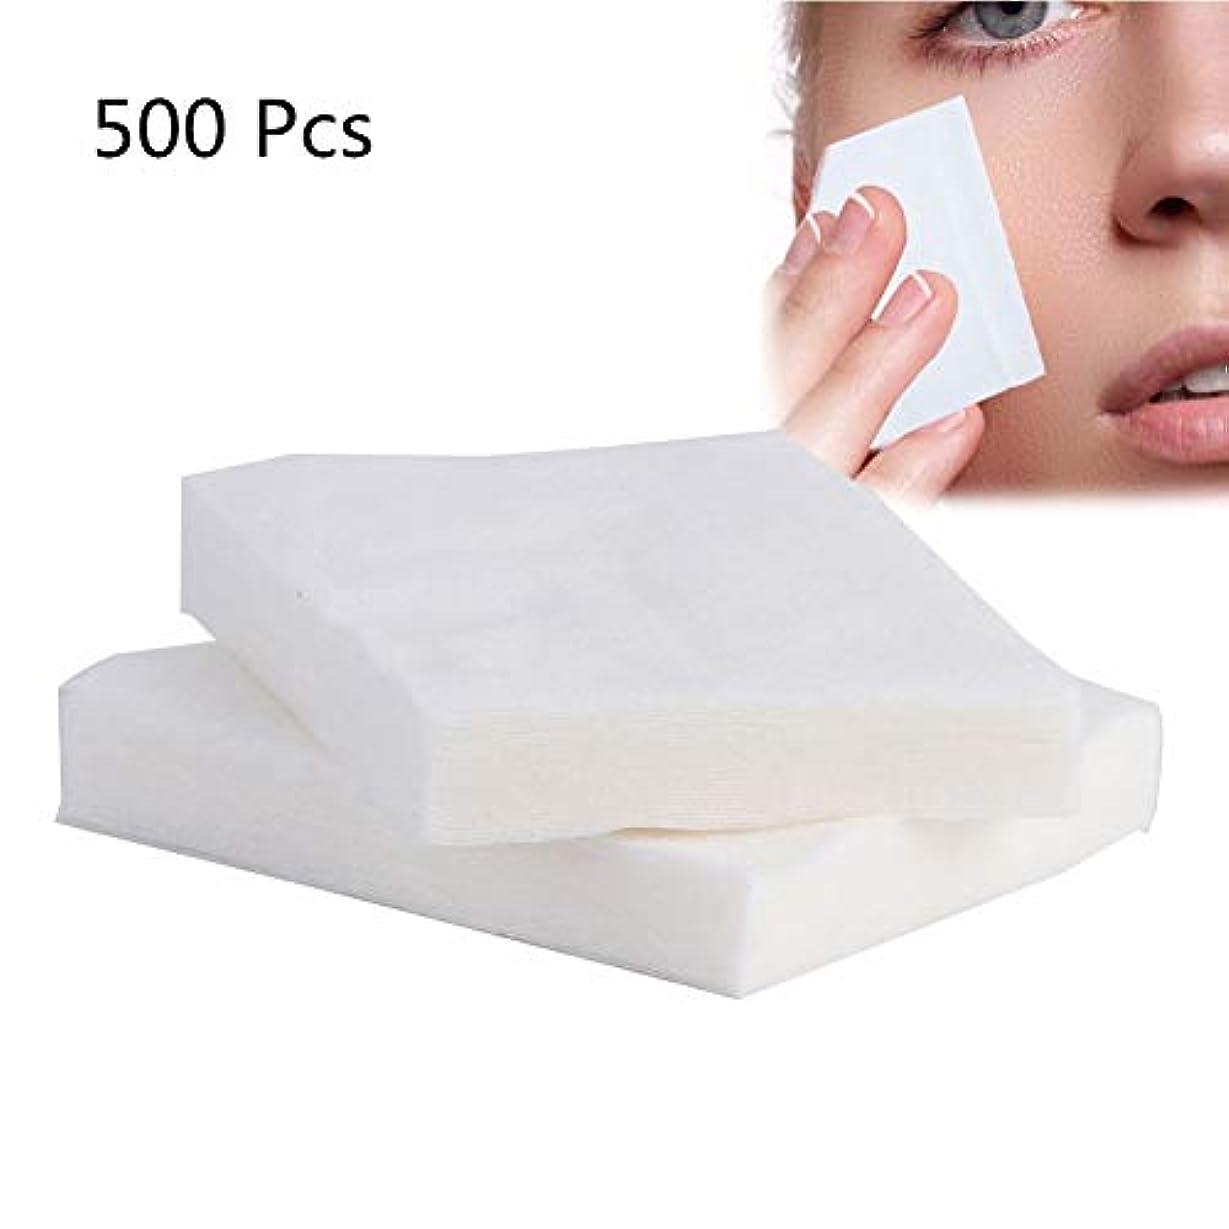 神社フォージプライバシー500ピース綿棒、化粧用メイク落とし、洗顔、ウェット/ドライ/フェイス/メイク落とし用